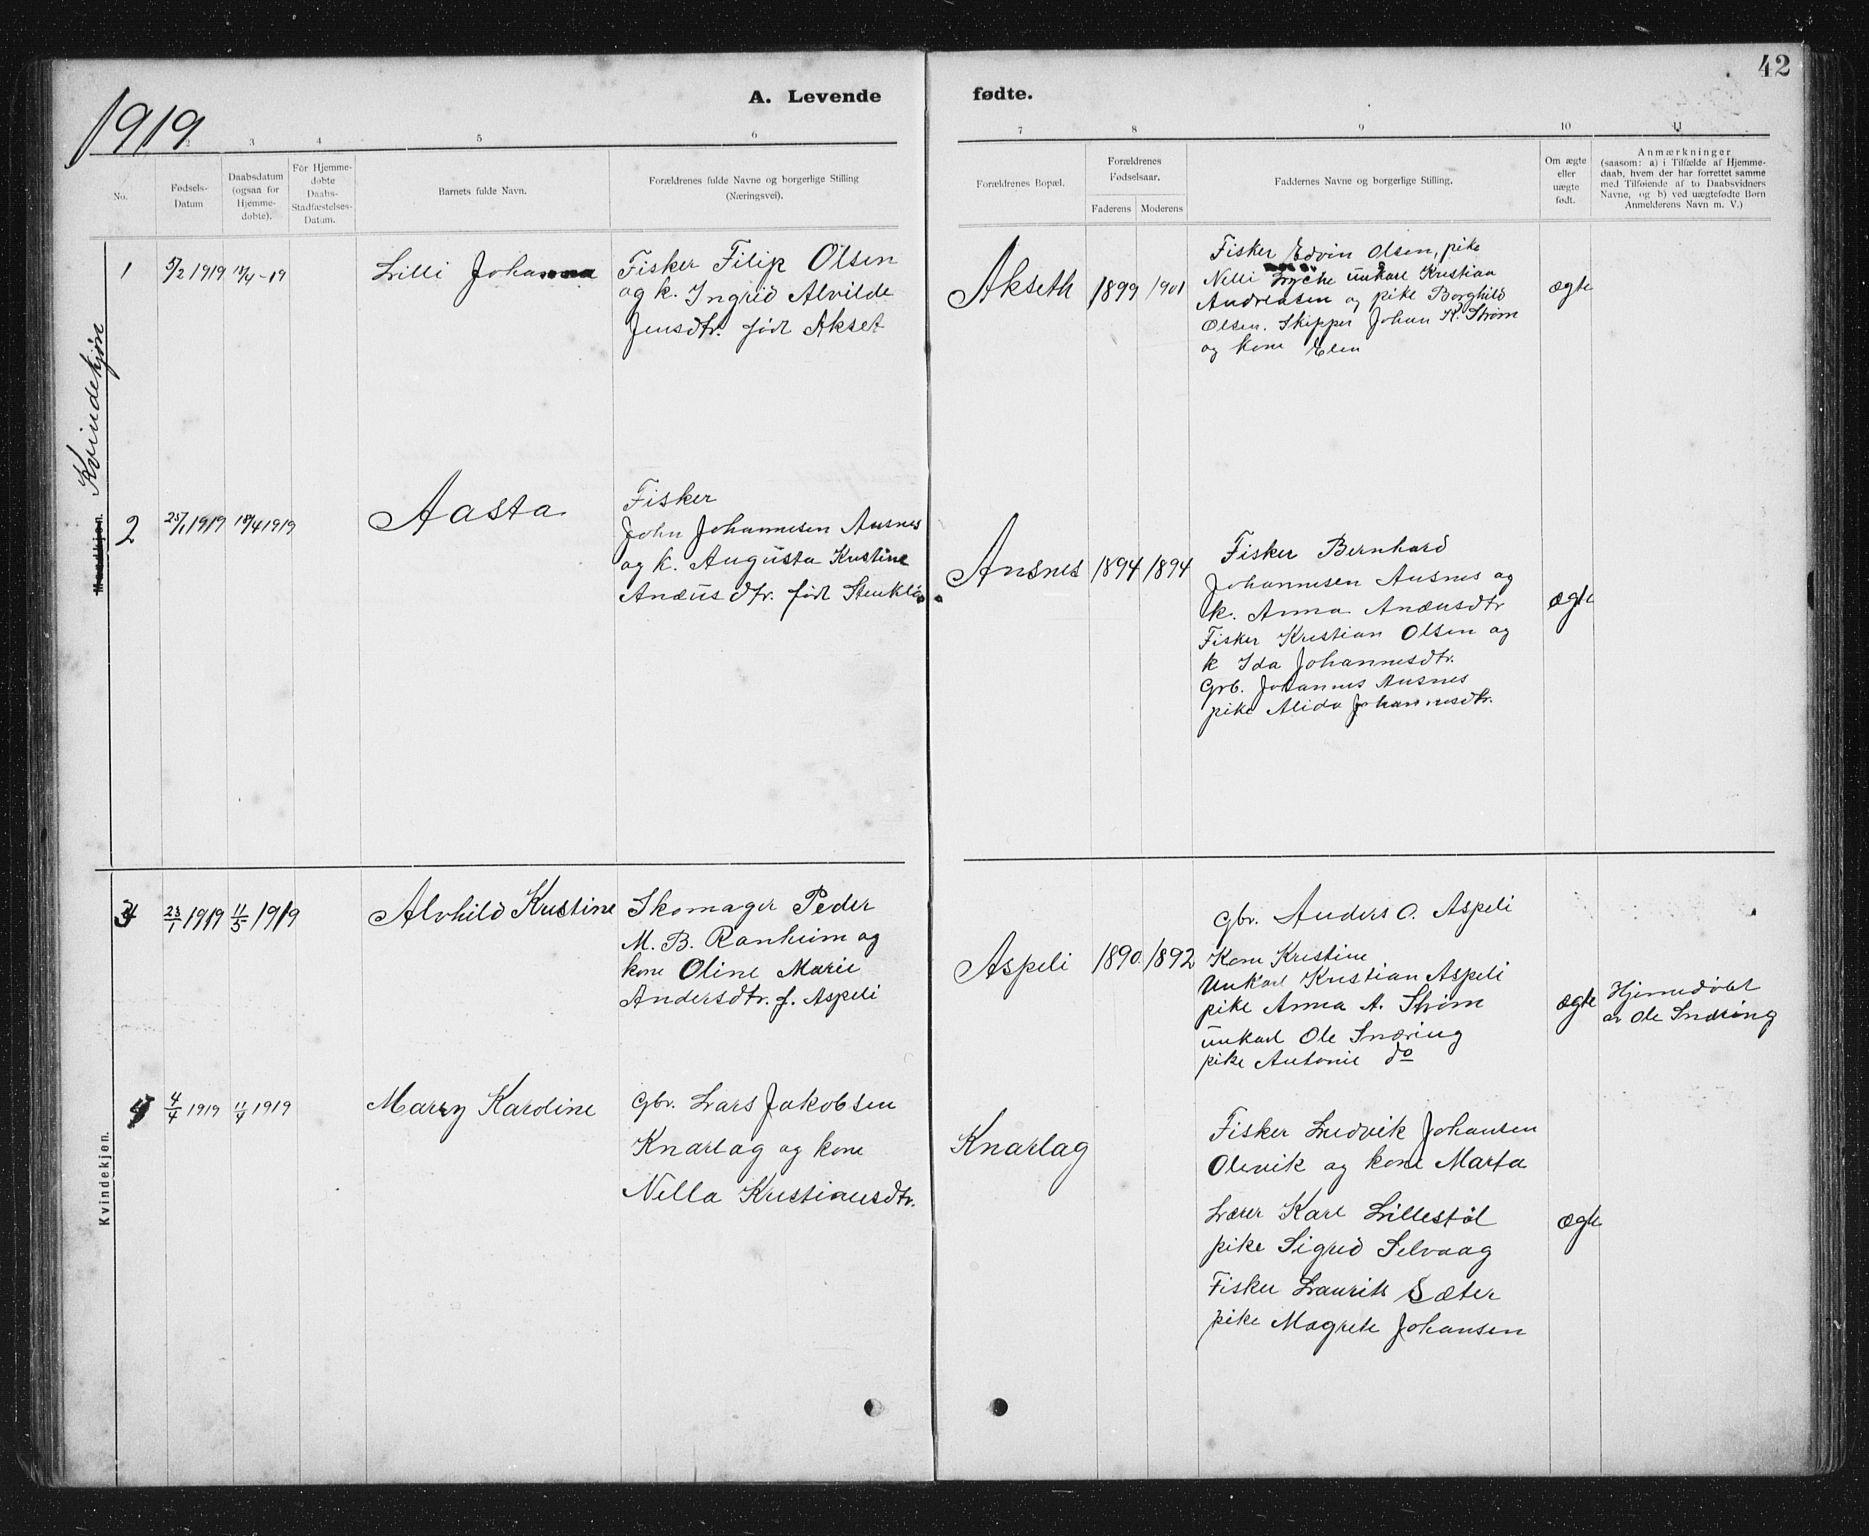 SAT, Ministerialprotokoller, klokkerbøker og fødselsregistre - Sør-Trøndelag, 637/L0563: Klokkerbok nr. 637C04, 1899-1940, s. 42